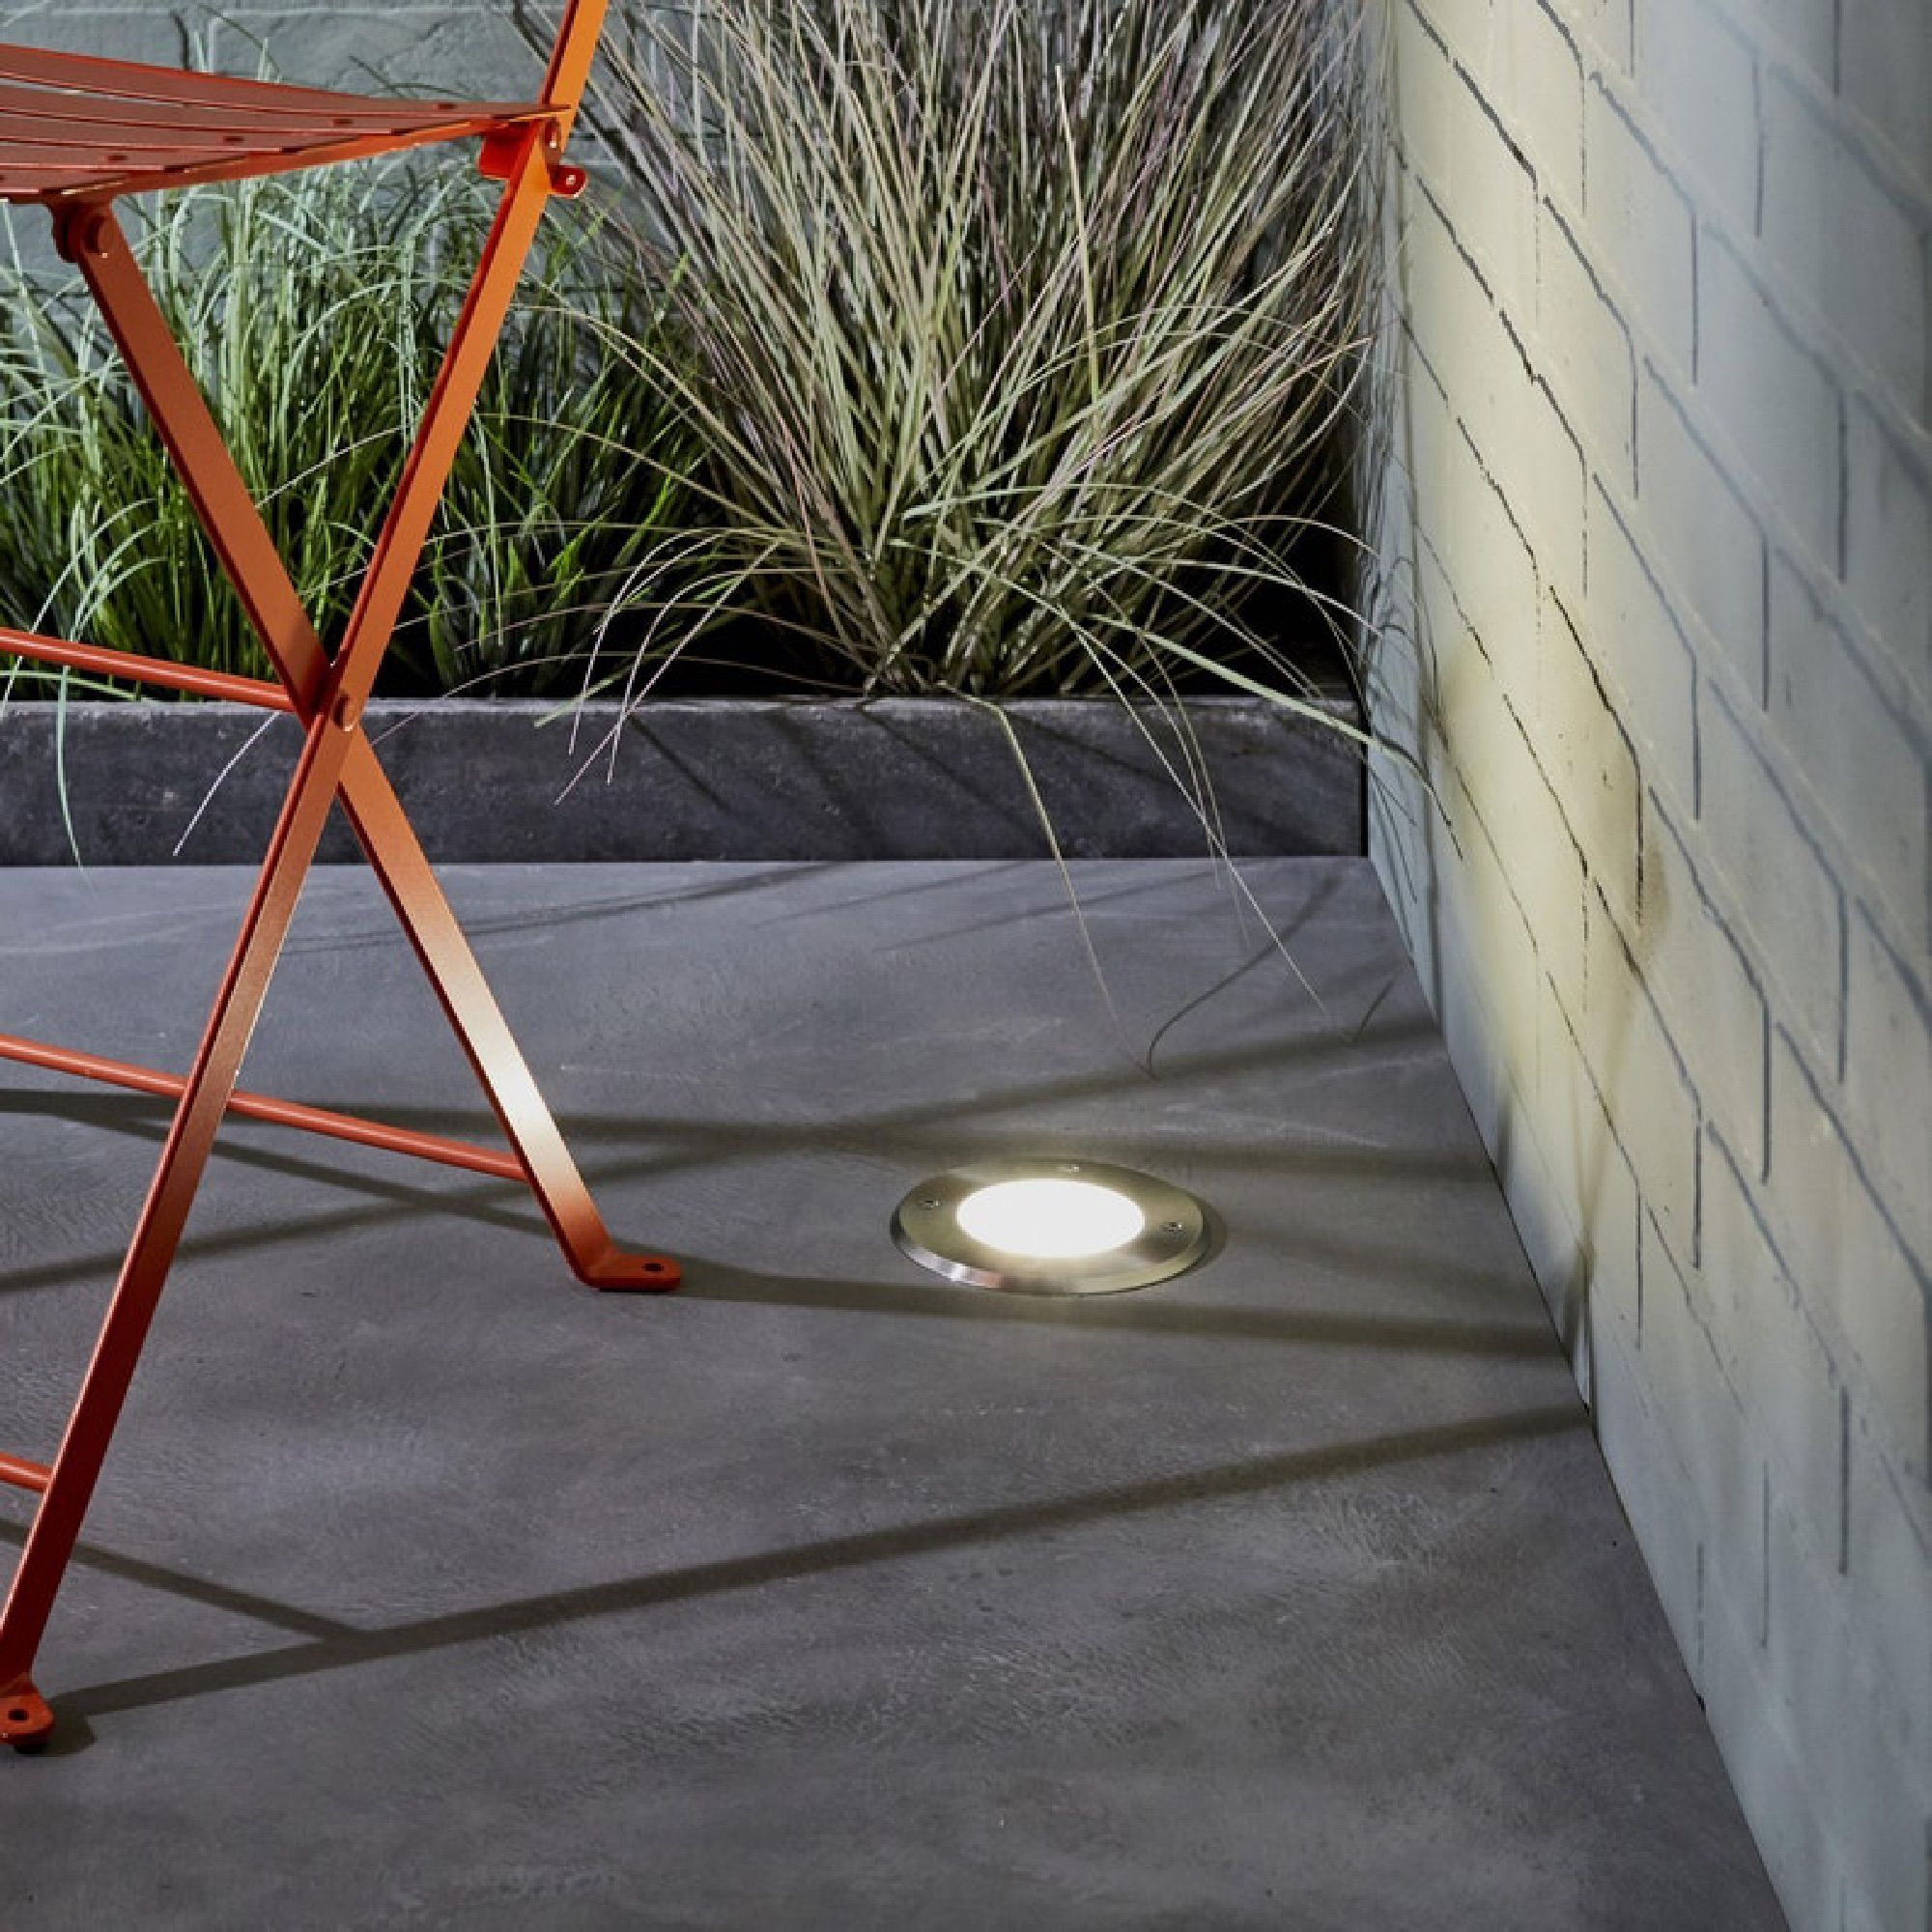 Spot LED incastrabil de exterior, IP 65, 40 lm, lumina neutra